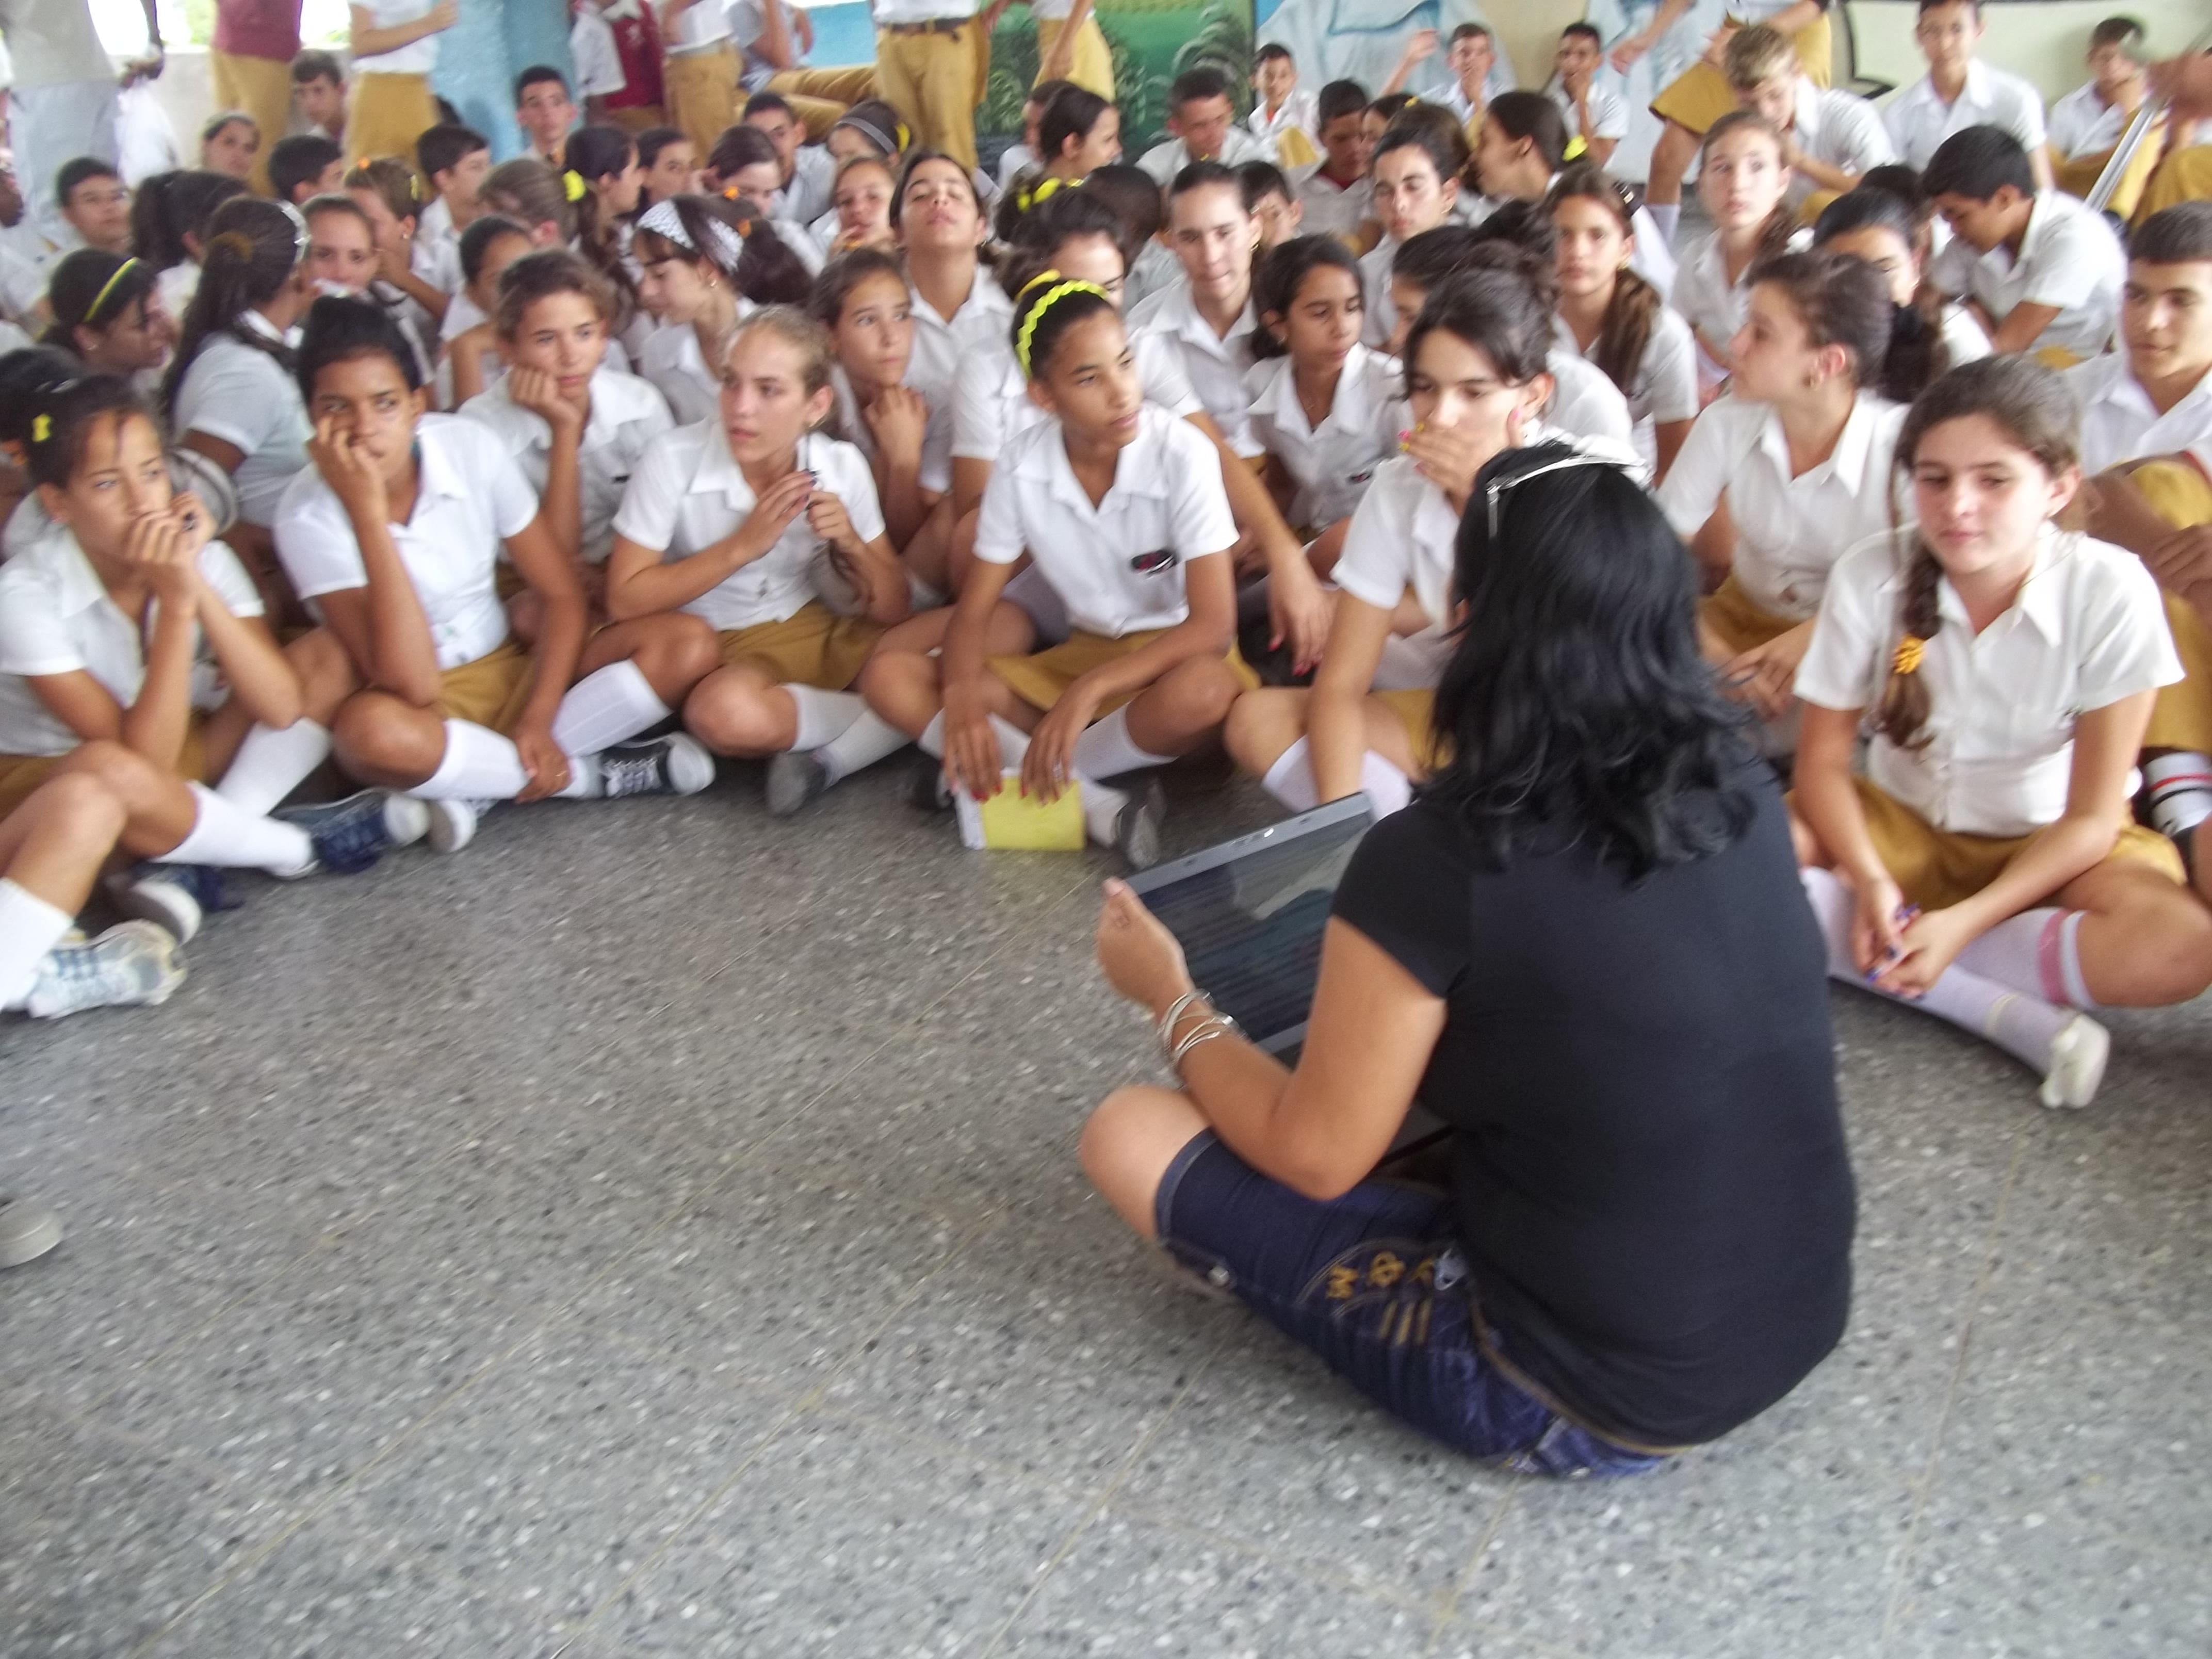 Materializan pedagogos charlas educativas sobre sexualidad y valores humanos